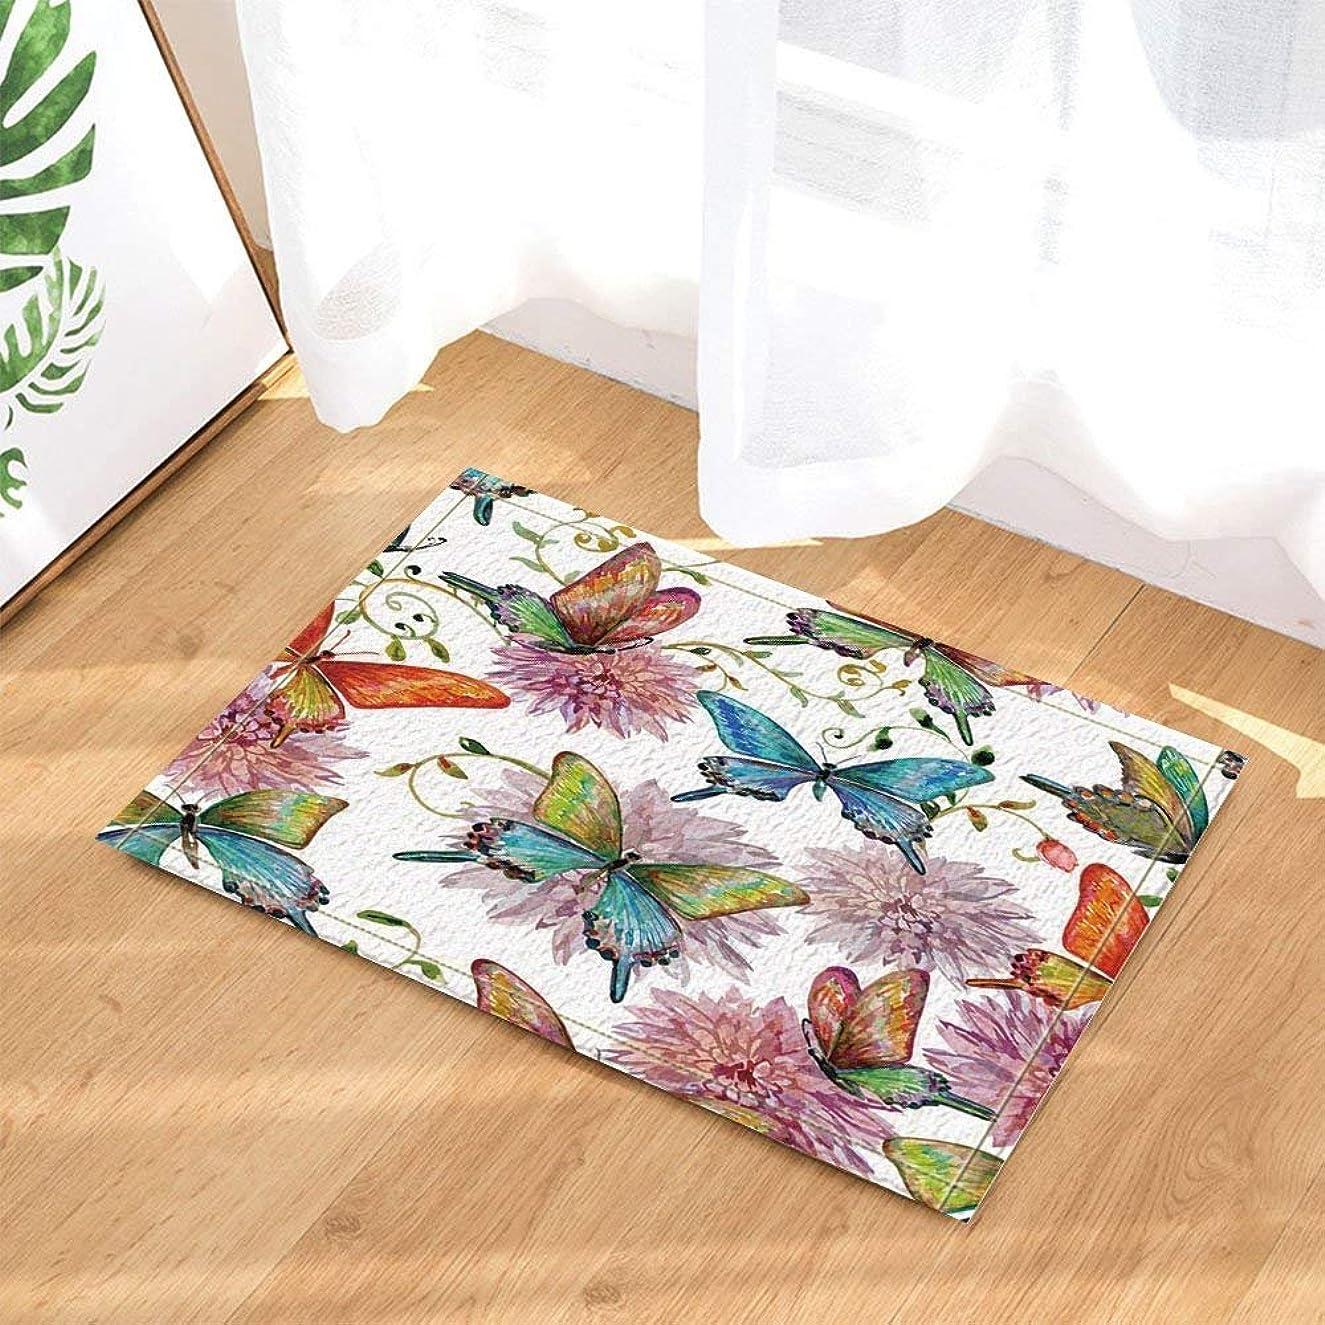 Watercolor Flowers Decor Wildlife Butterfly and Flower Against White Backdrop Bath Rugs Non-Slip Doormat Floor Entryways Indoor Front Door Mat Kids Bath Mat 15.7x23.6in Bathroom Accessories